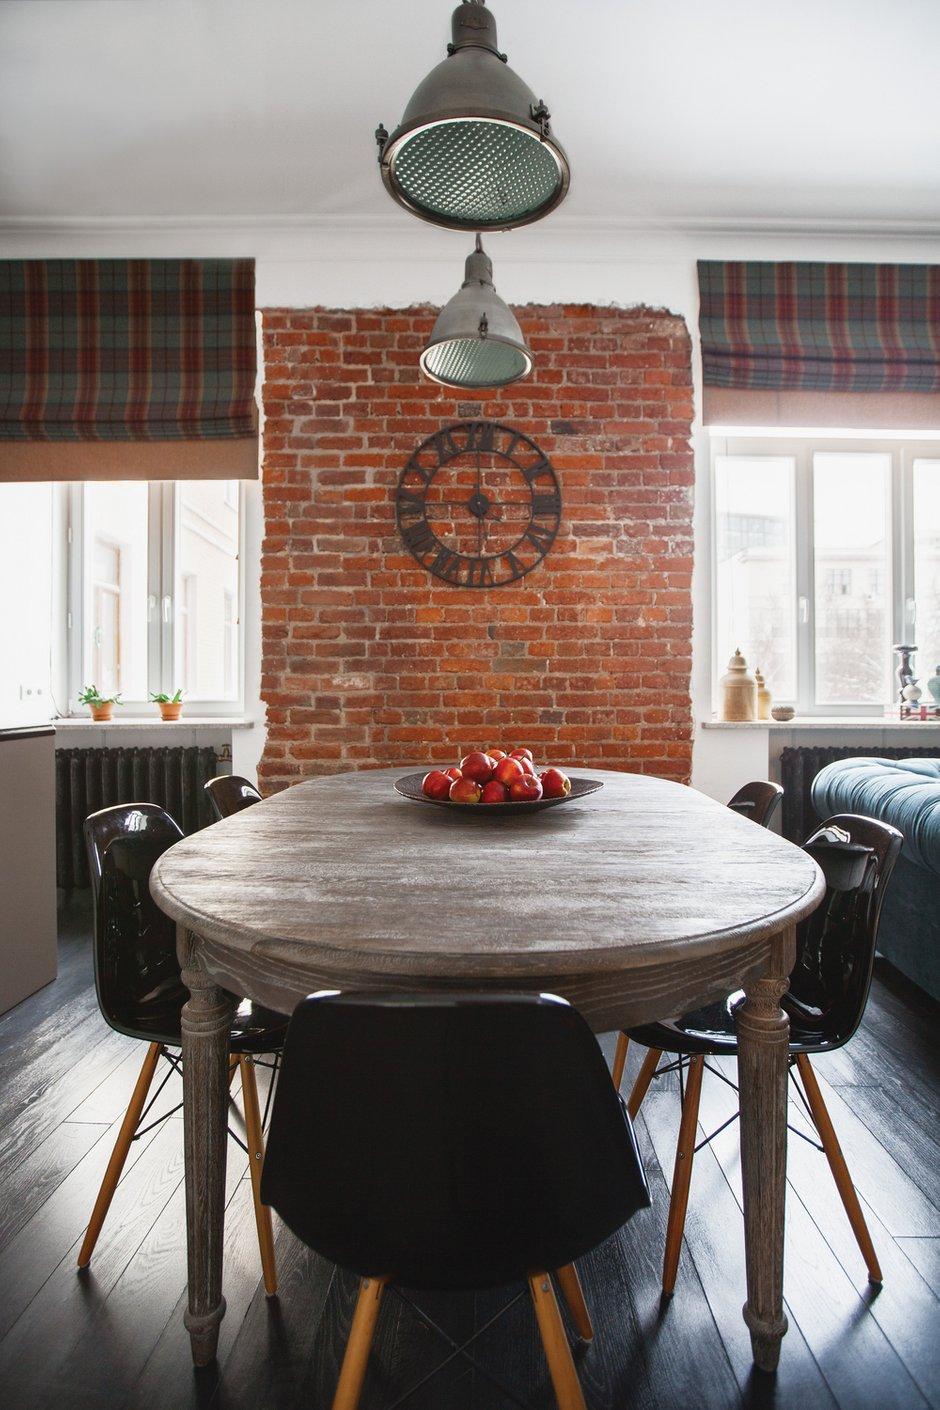 Фотография: Кухня и столовая в стиле Прованс и Кантри, Эклектика, Квартира, Дома и квартиры, Надя Зотова – фото на INMYROOM